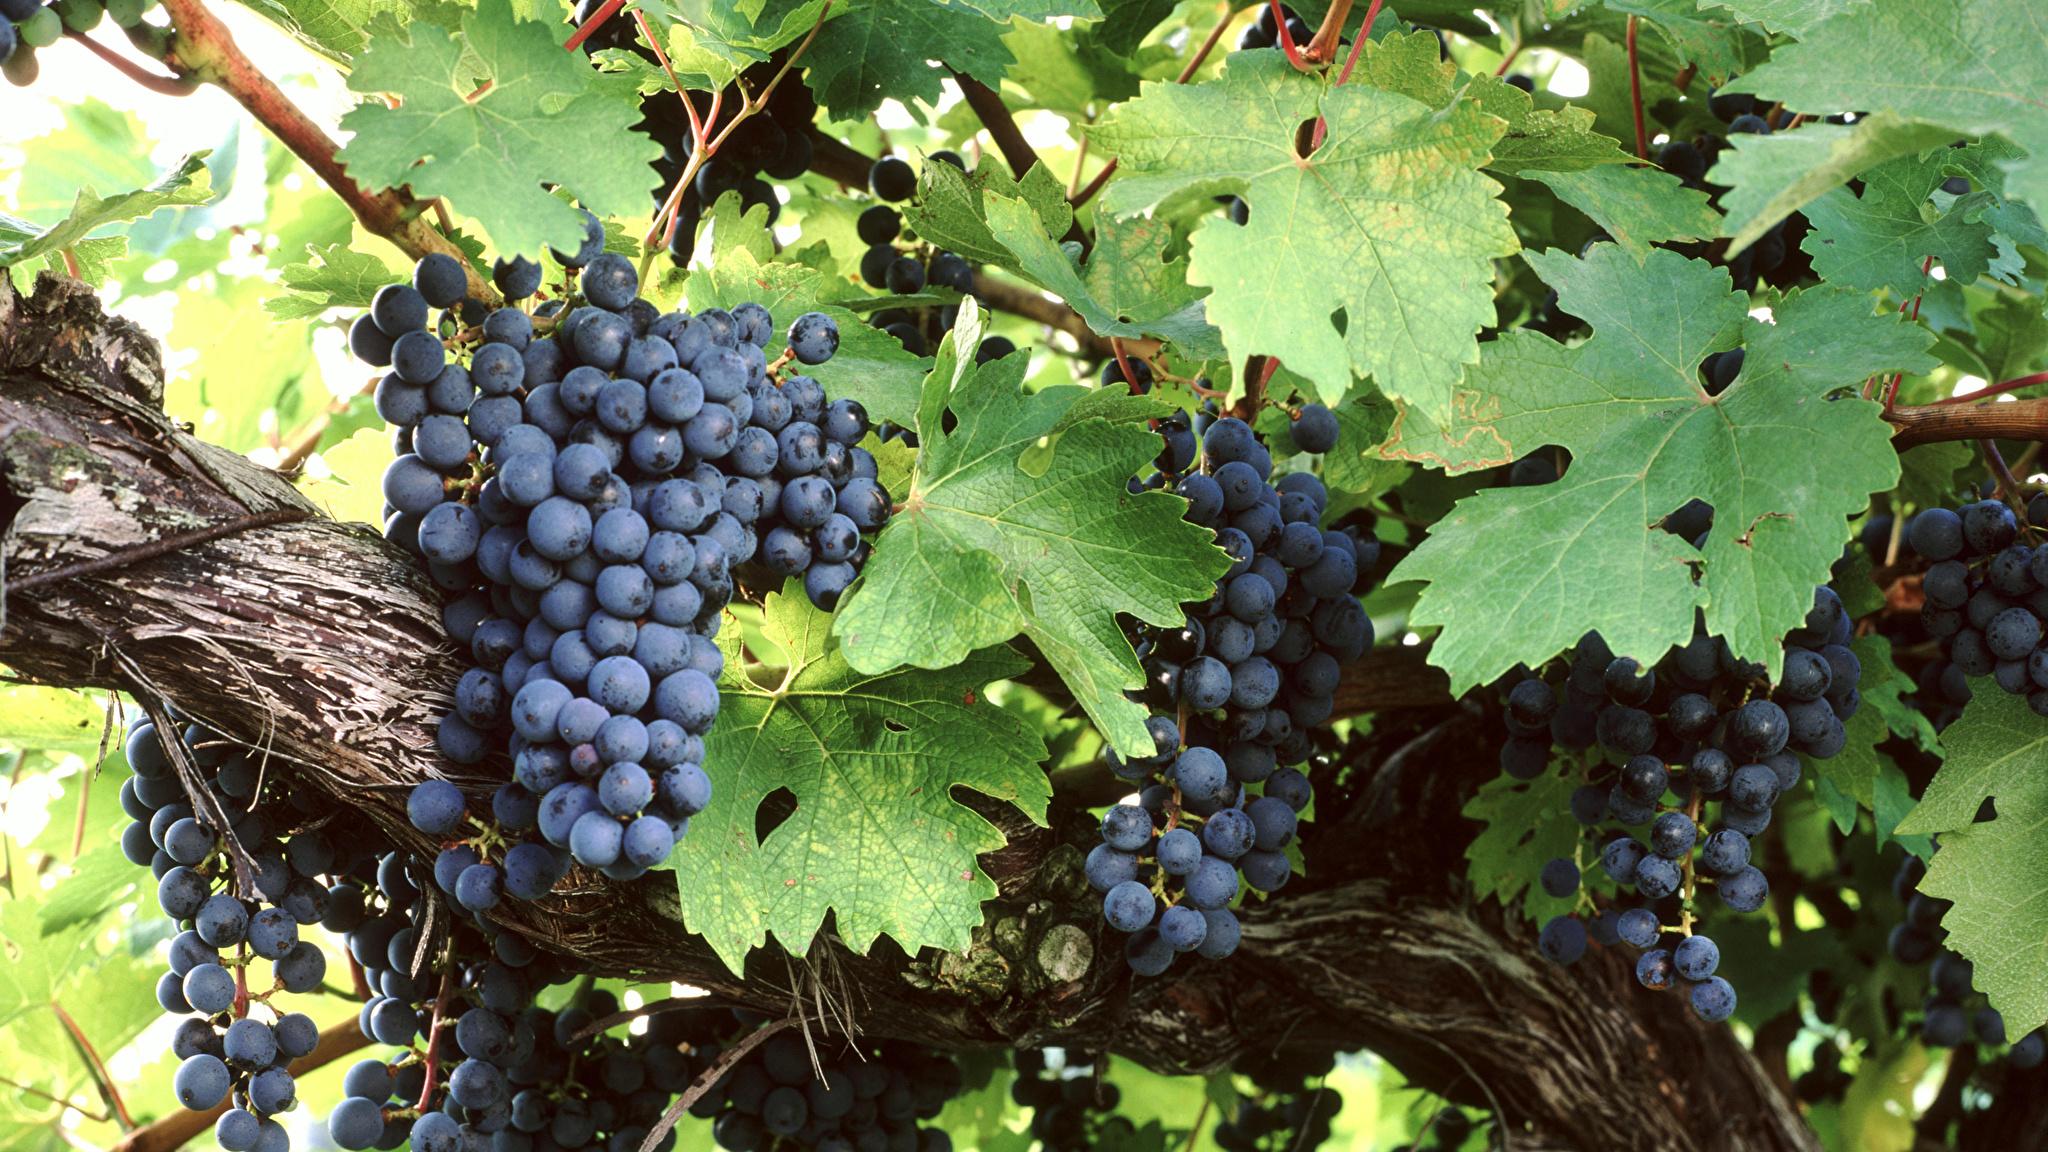 Bilder von Blatt Weintraube Ast Lebensmittel 2048x1152 Blattwerk